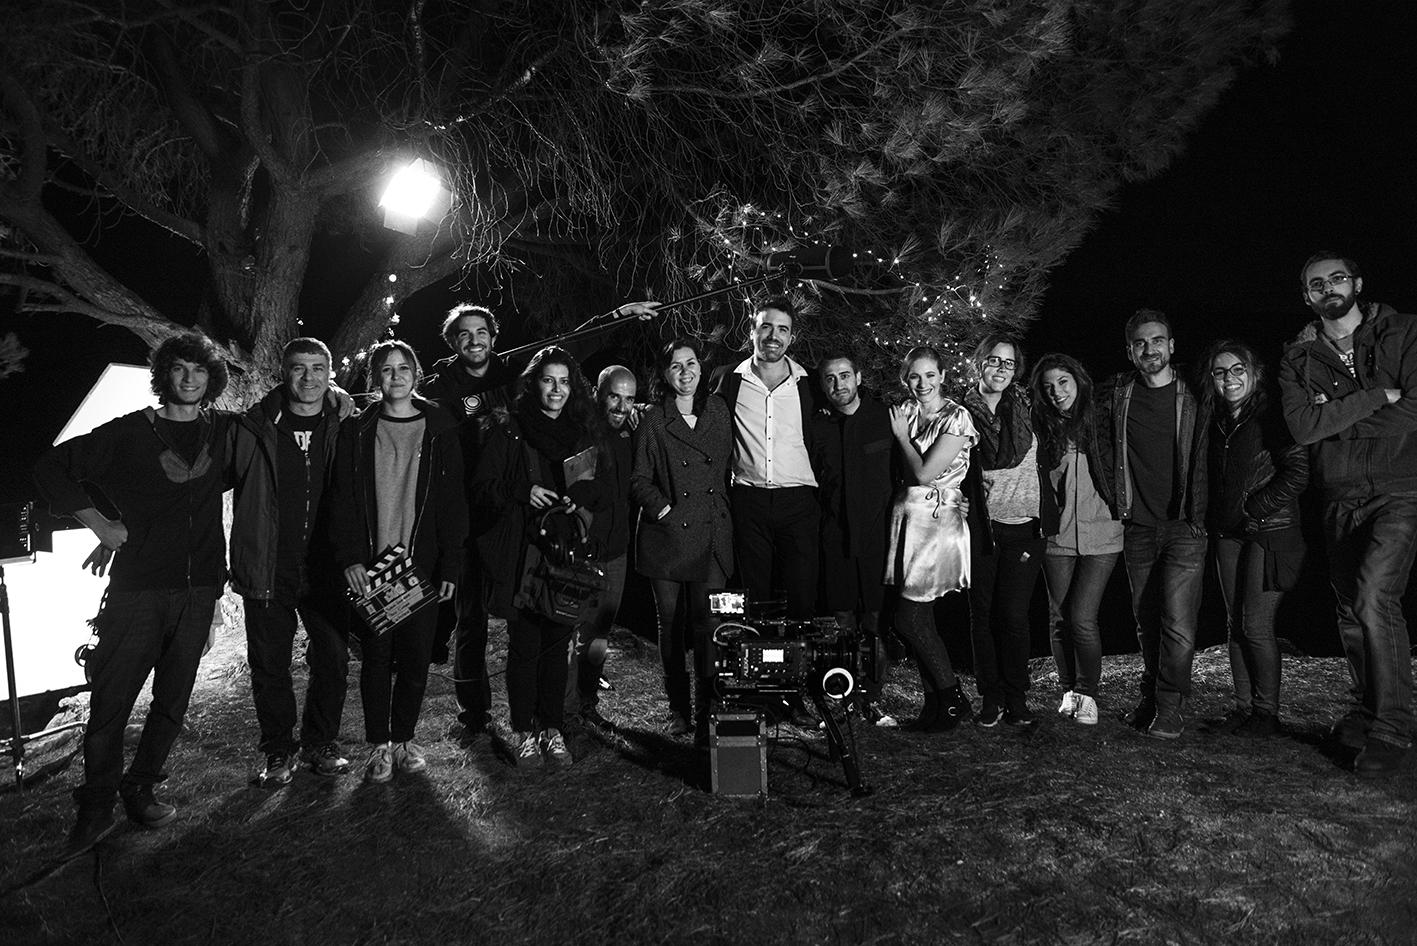 Algunos miembros del equipo durante el último día de rodaje  (Fotografía:   Pedro Luis Ruiz Rivas  )